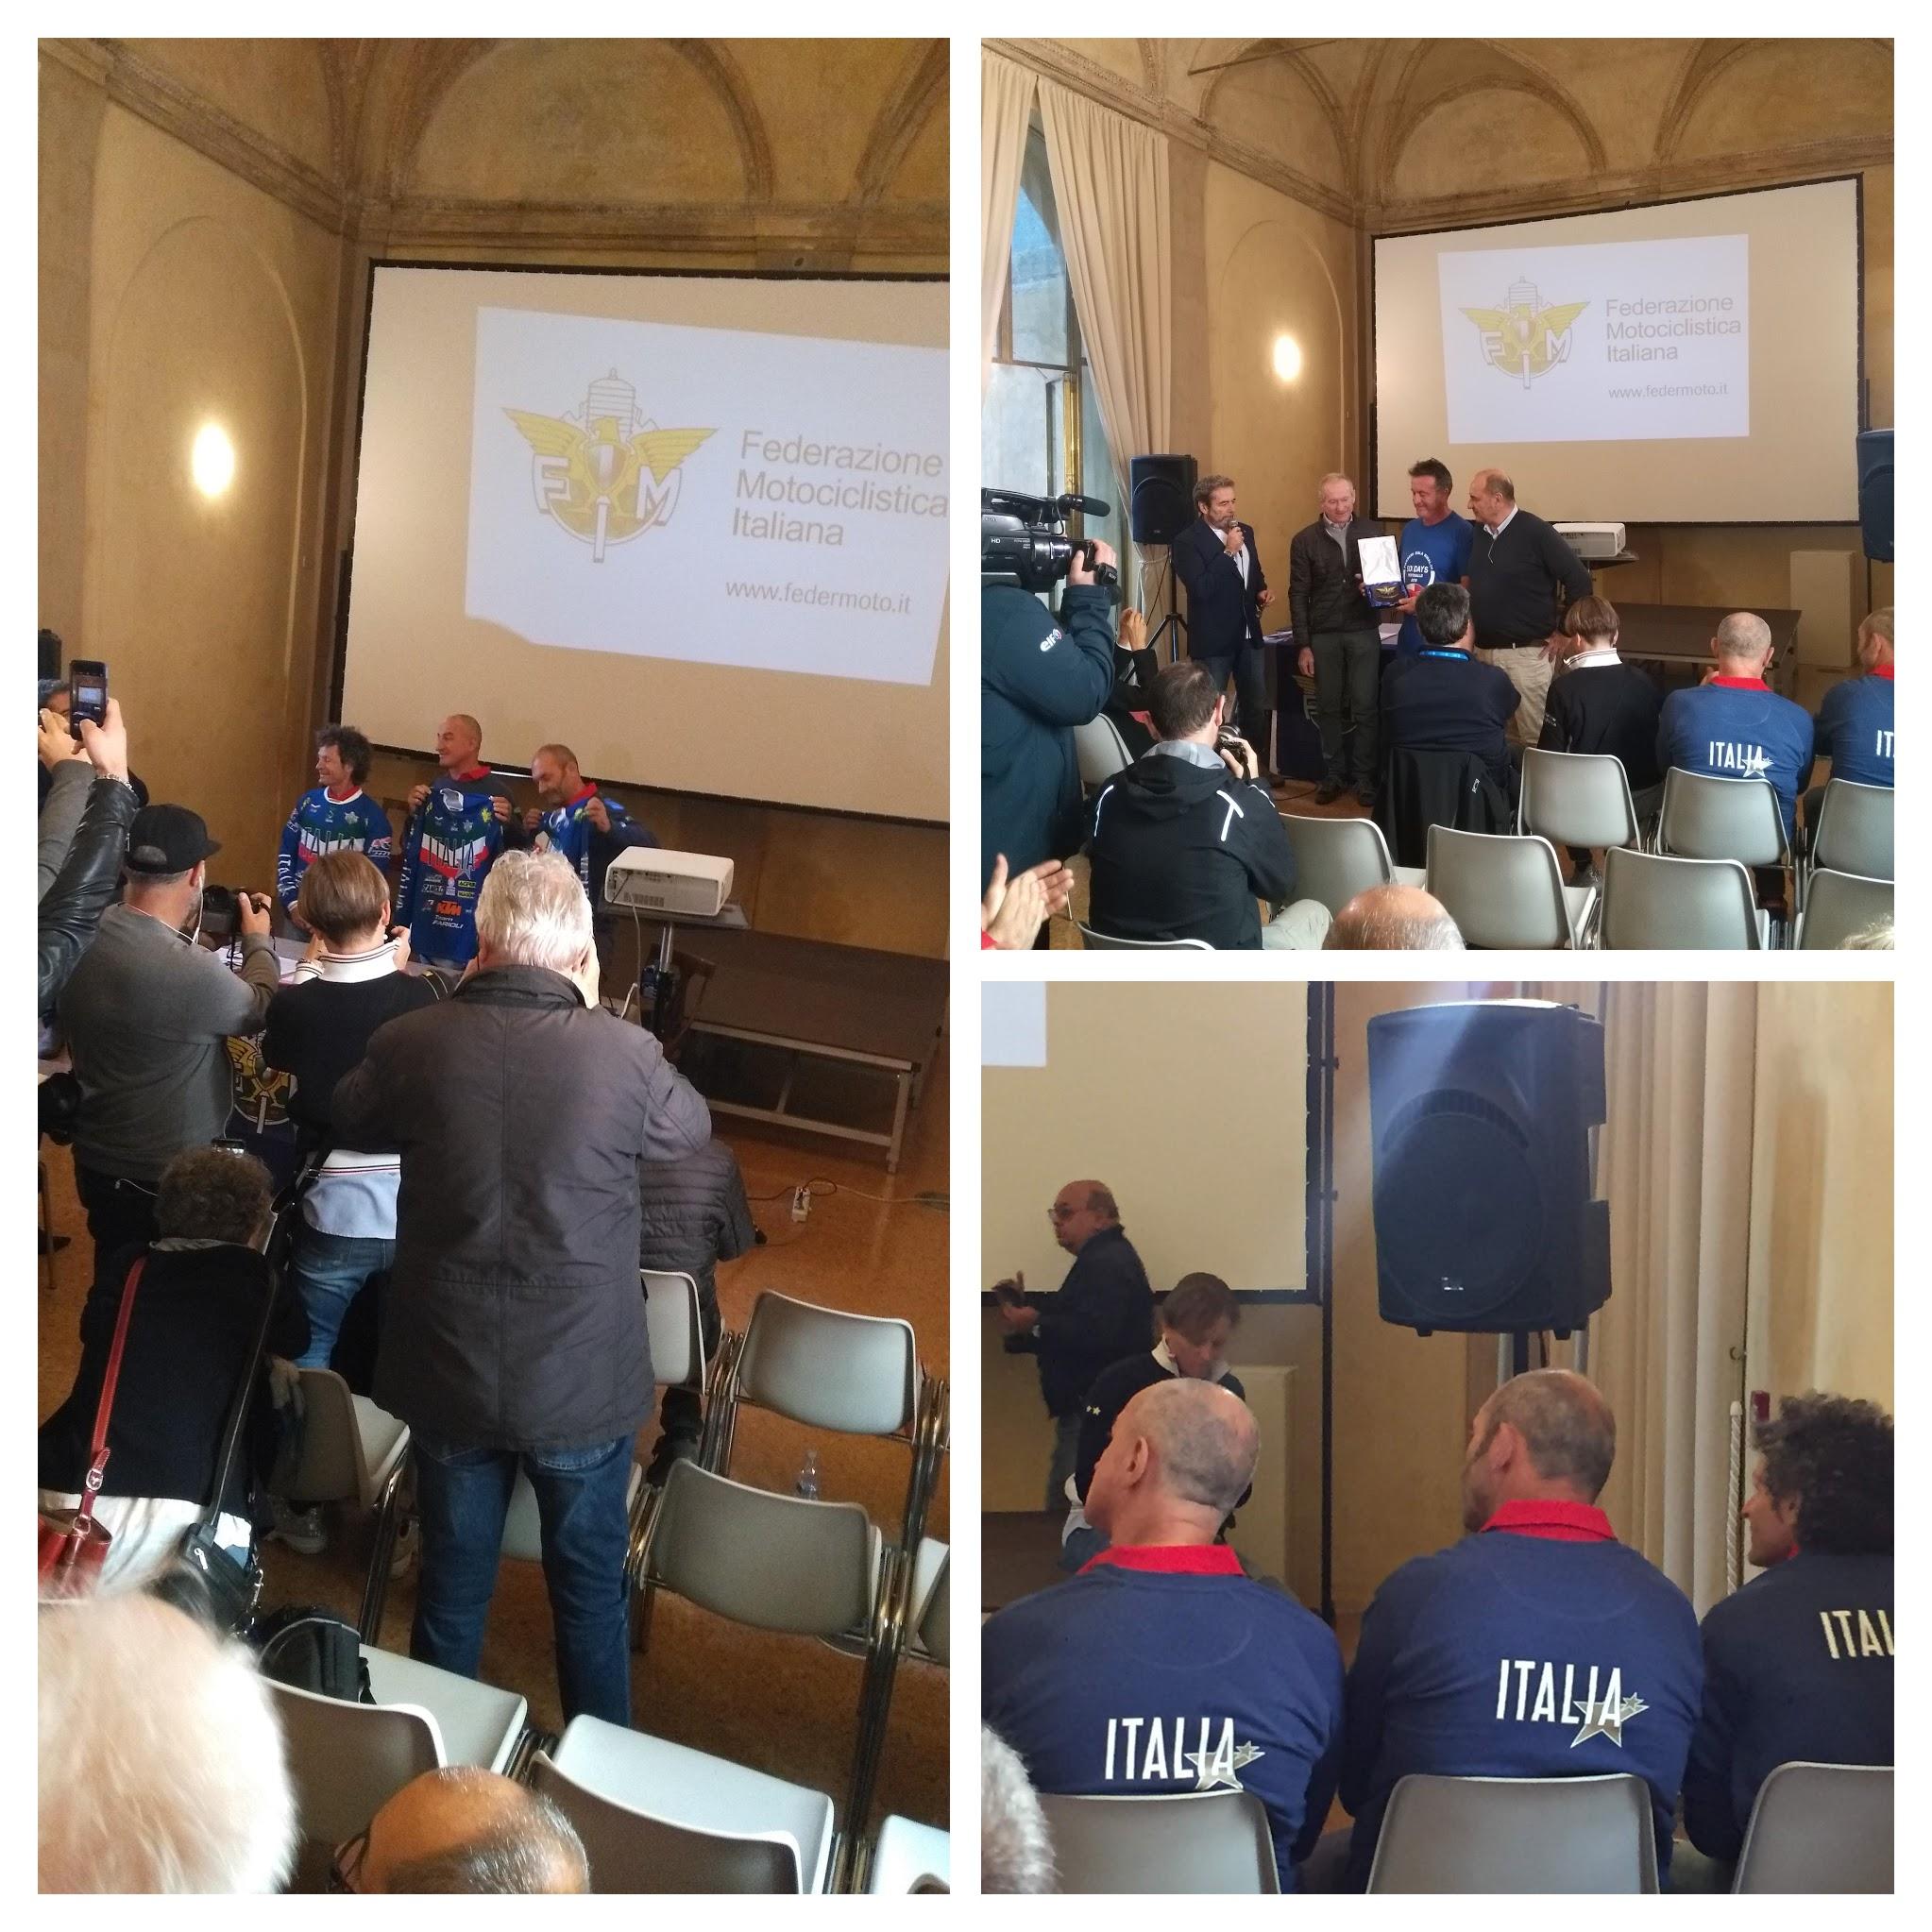 italiainpiega-evento-presentazione dream team